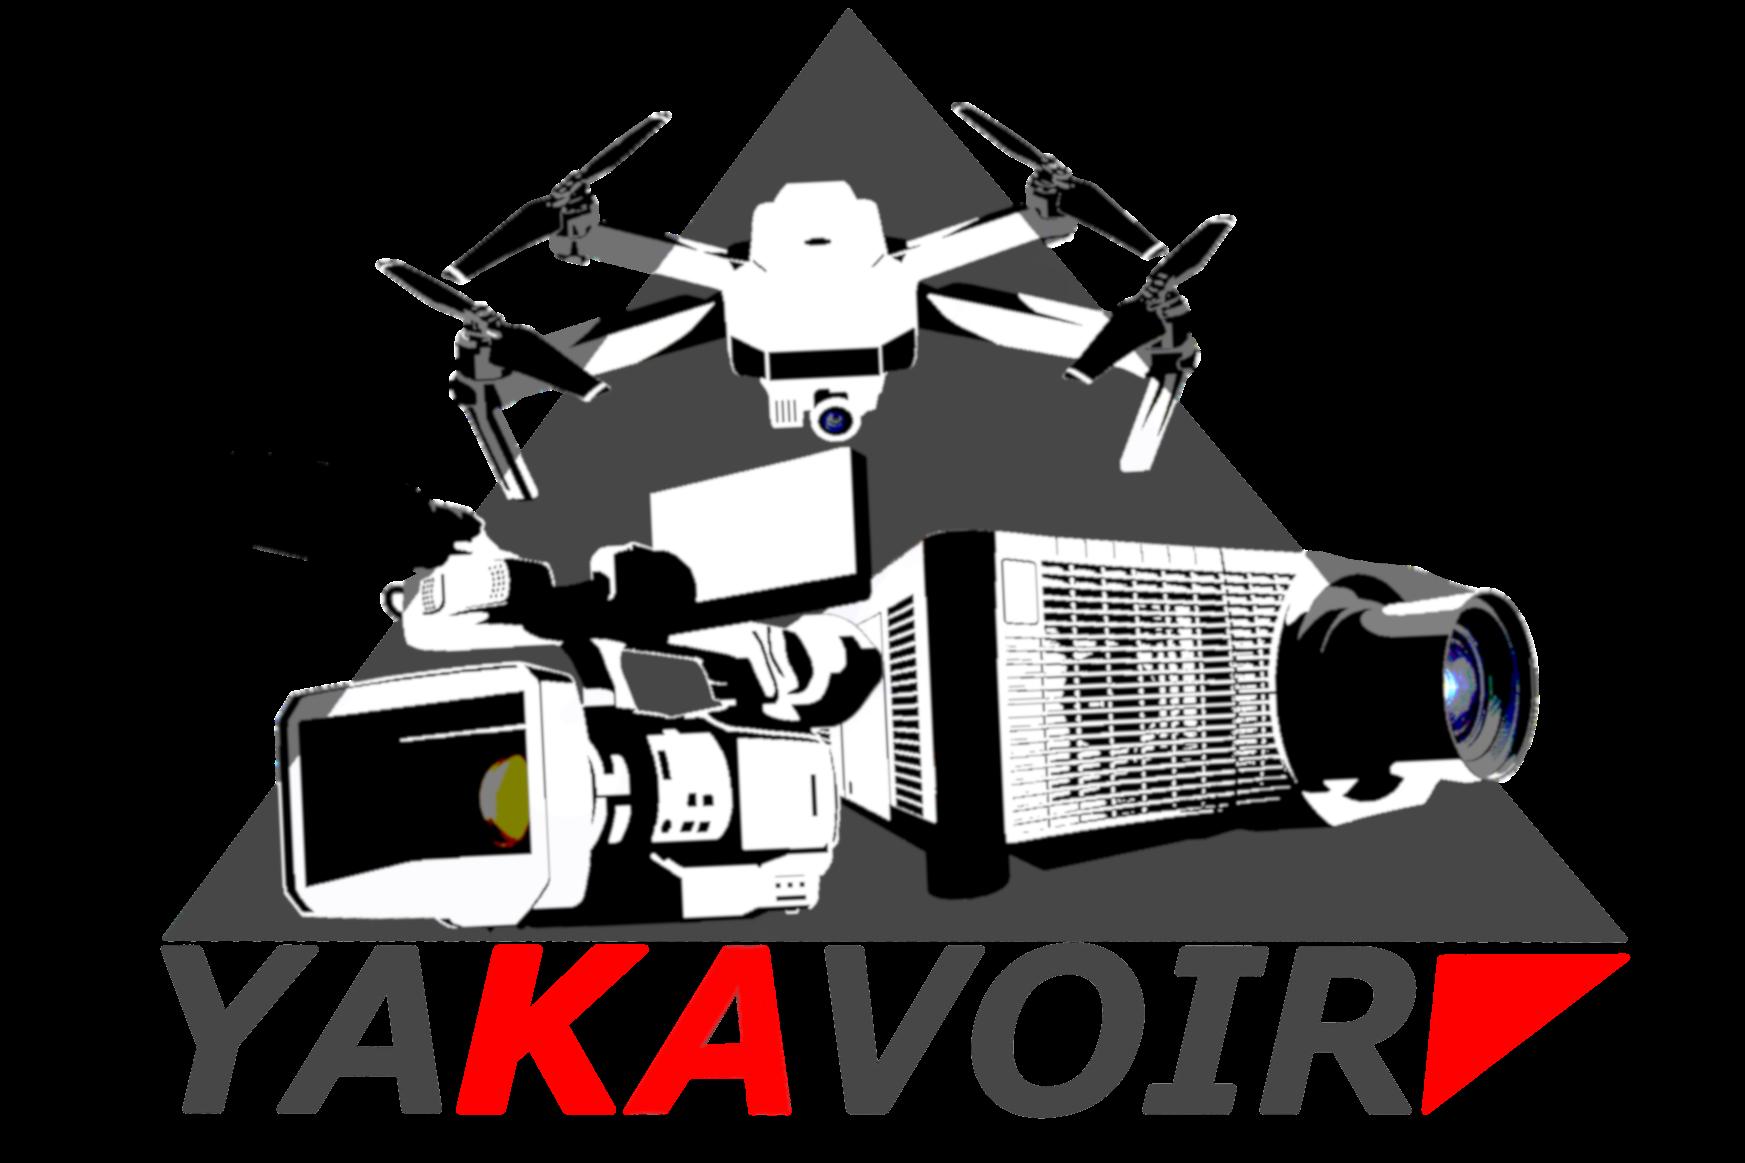 Yakavoir